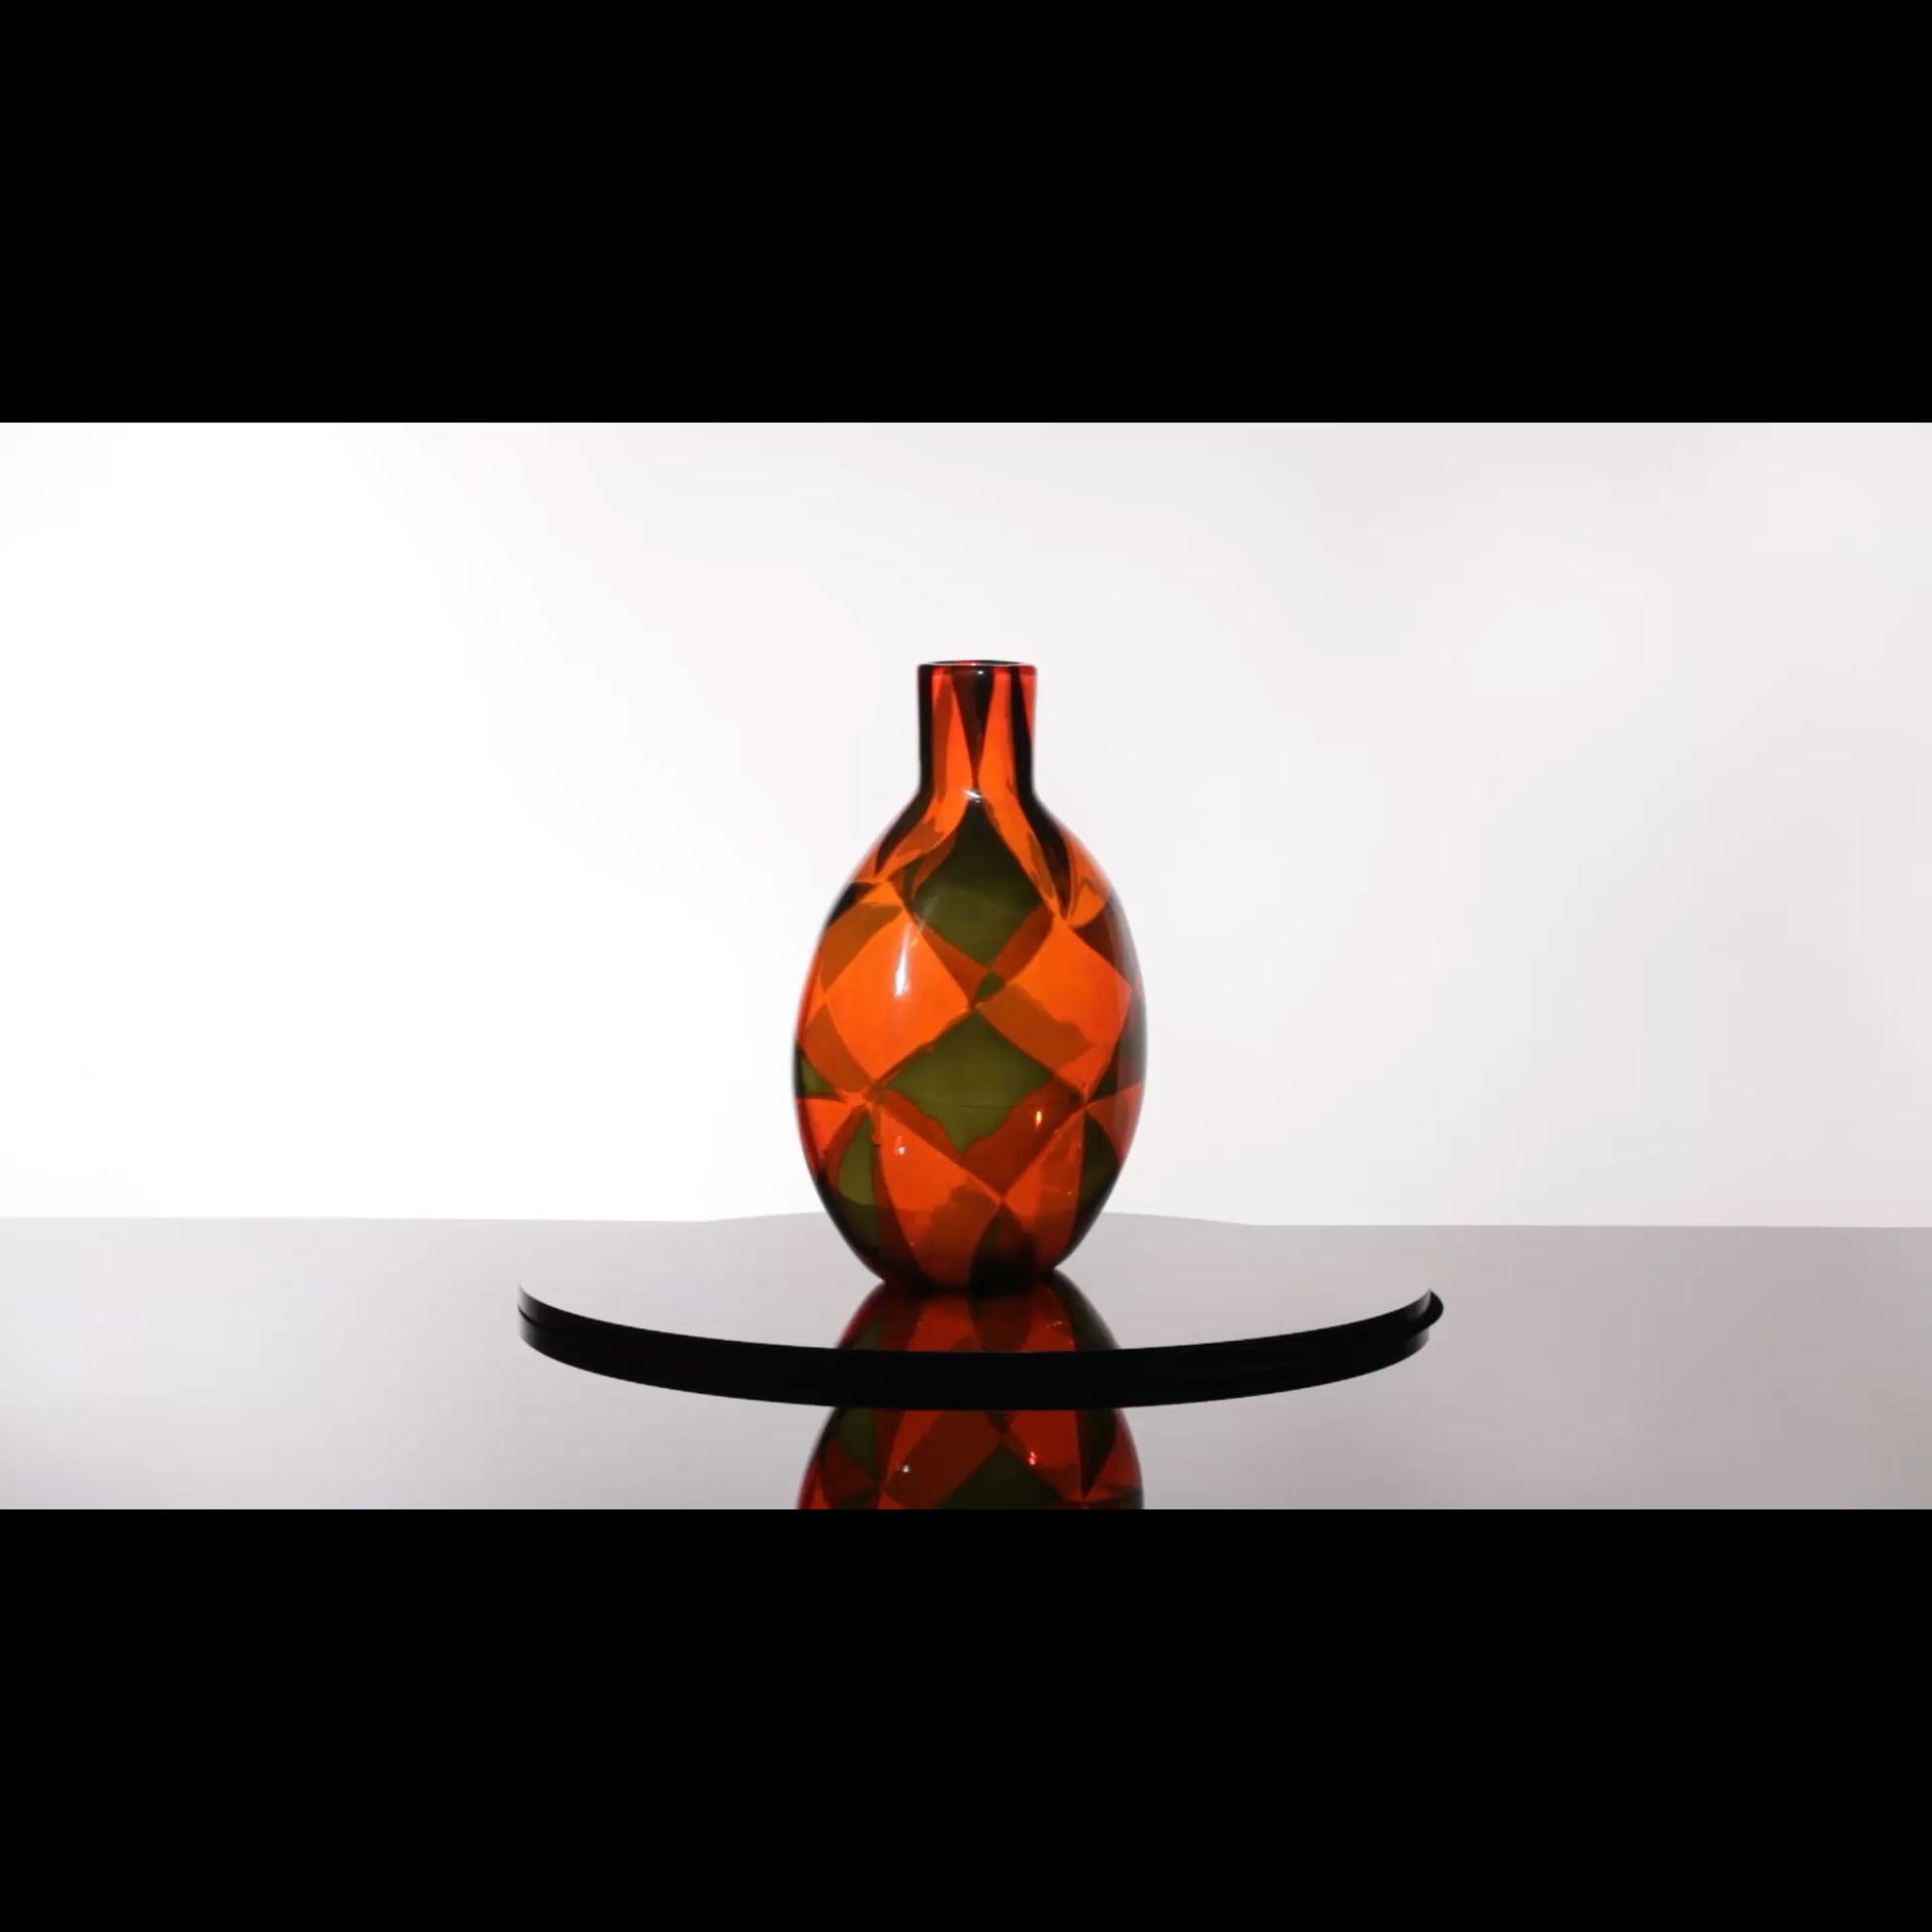 39: Ercole Barovier / Rare Intarsio vase (1 of 4)